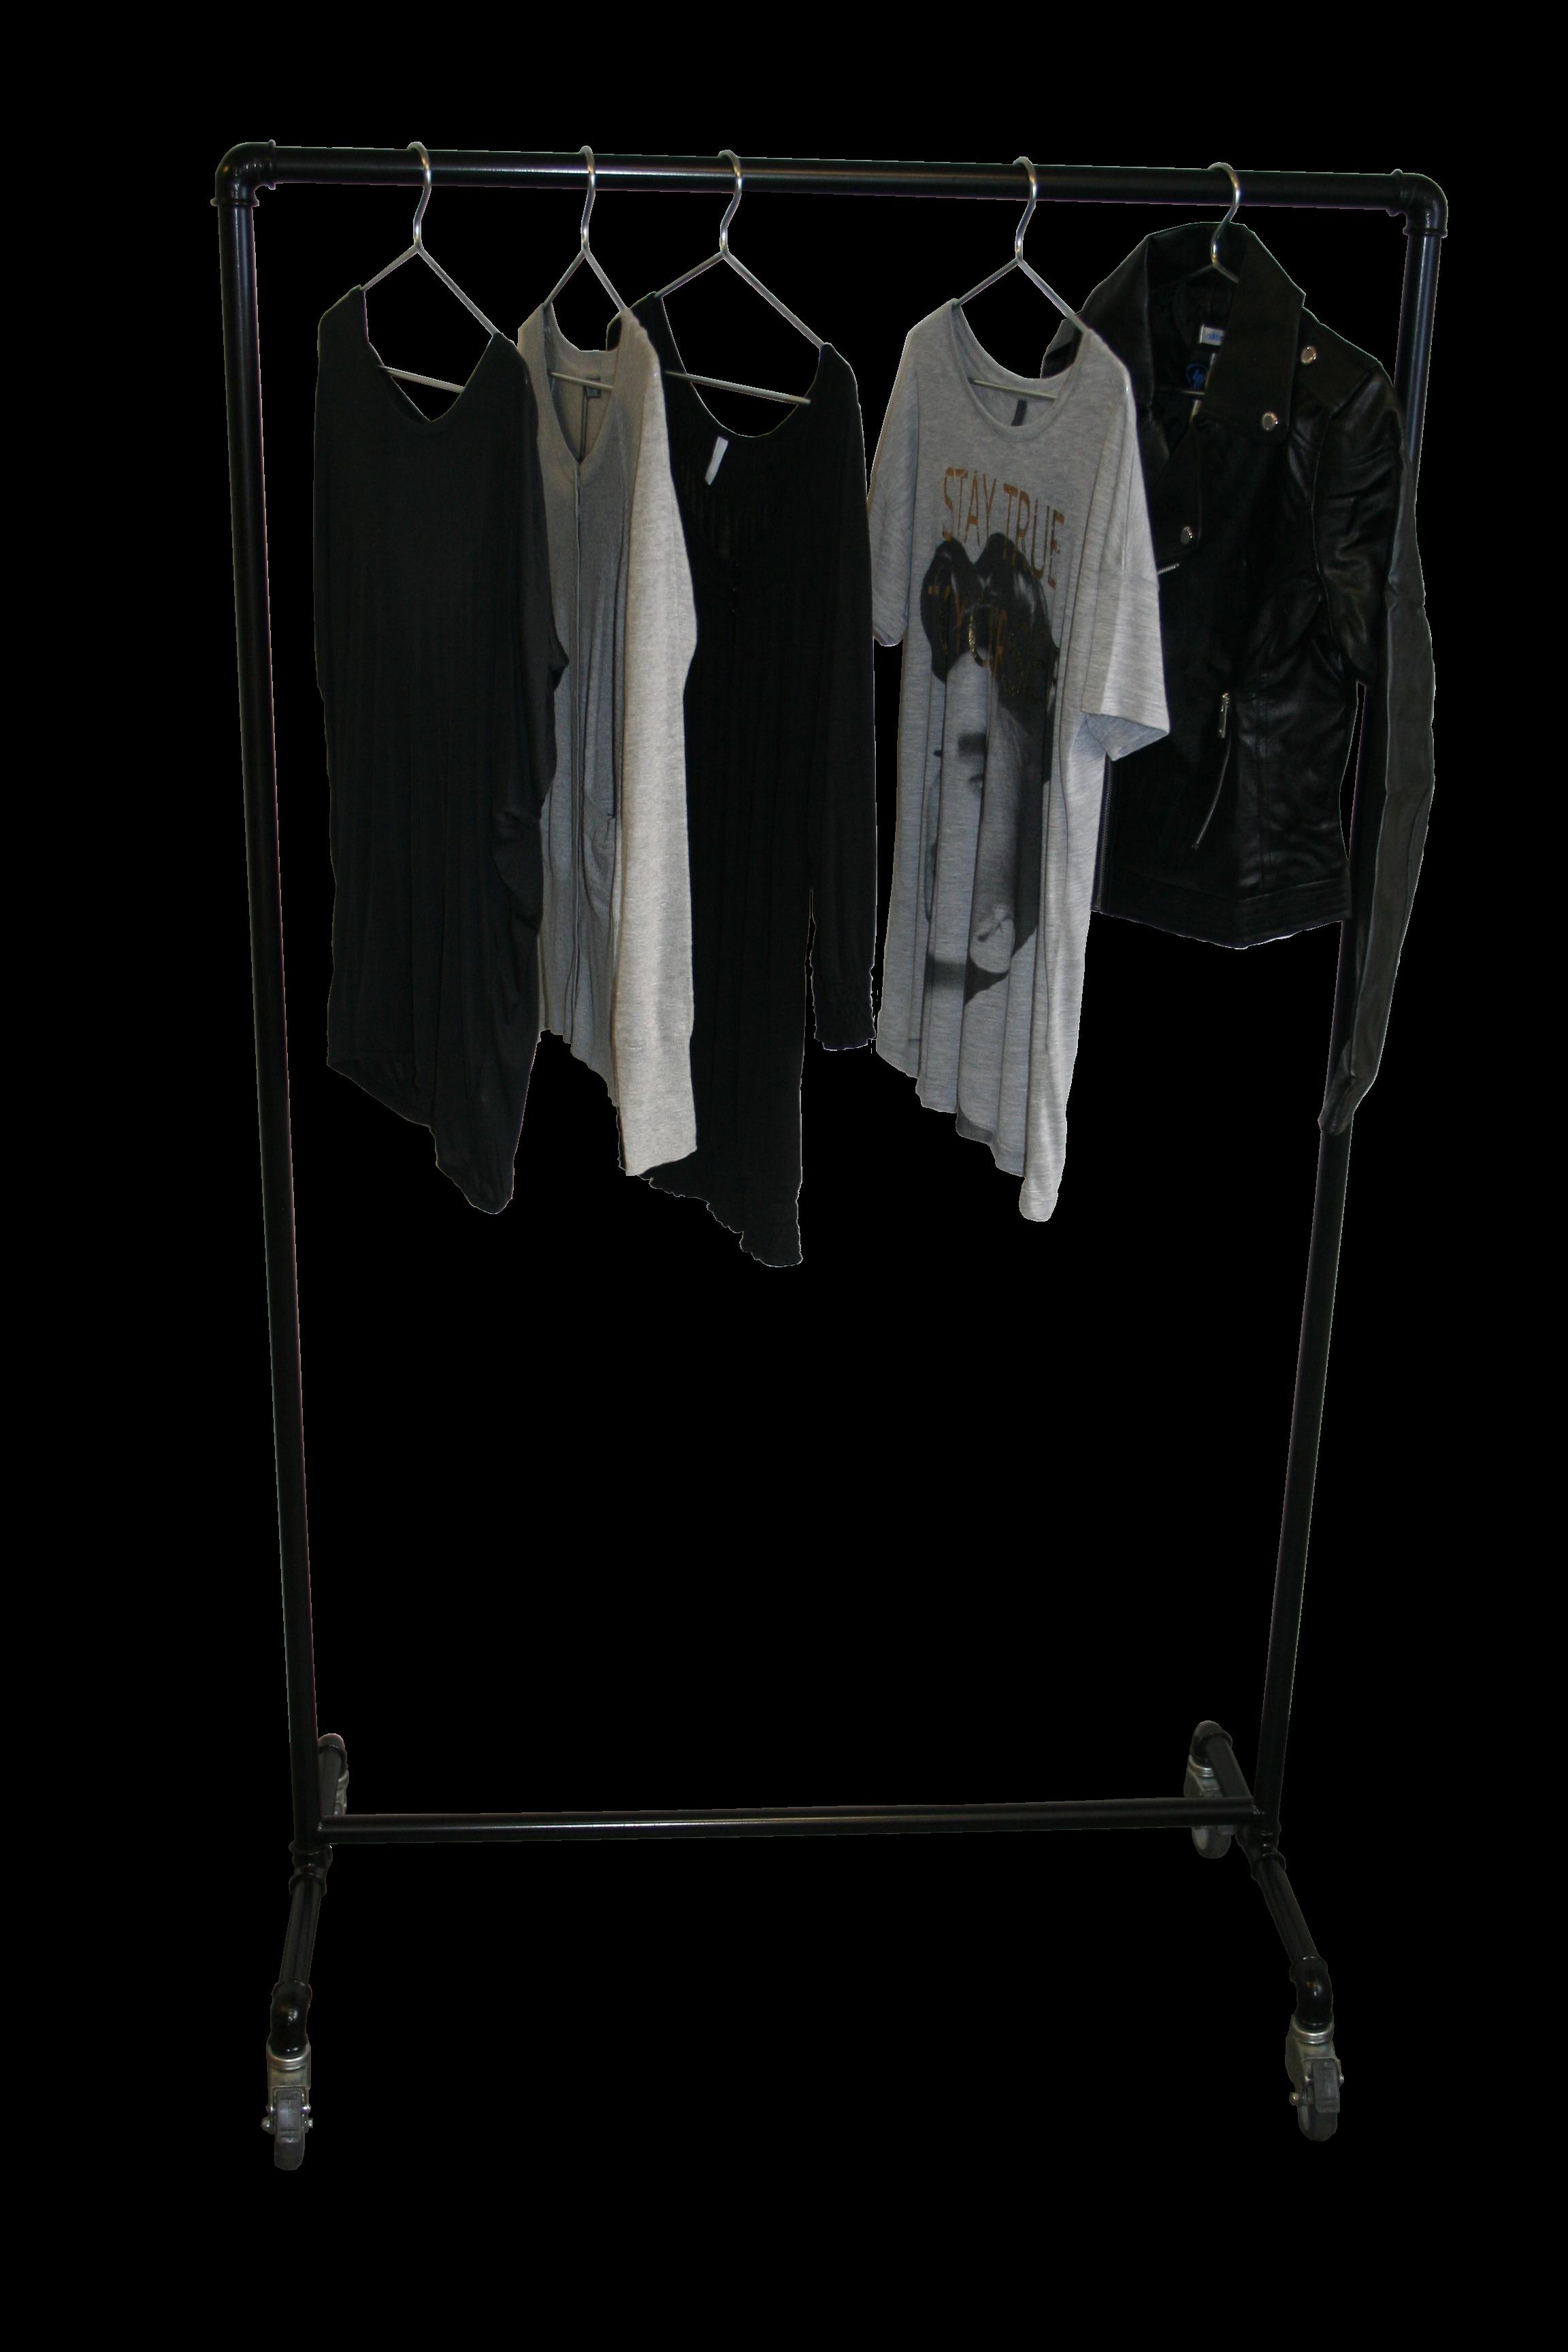 Alvorlig Tøjstativ på hjul - Køb dit nye tøjstativ her. Kan bestilles i MW68